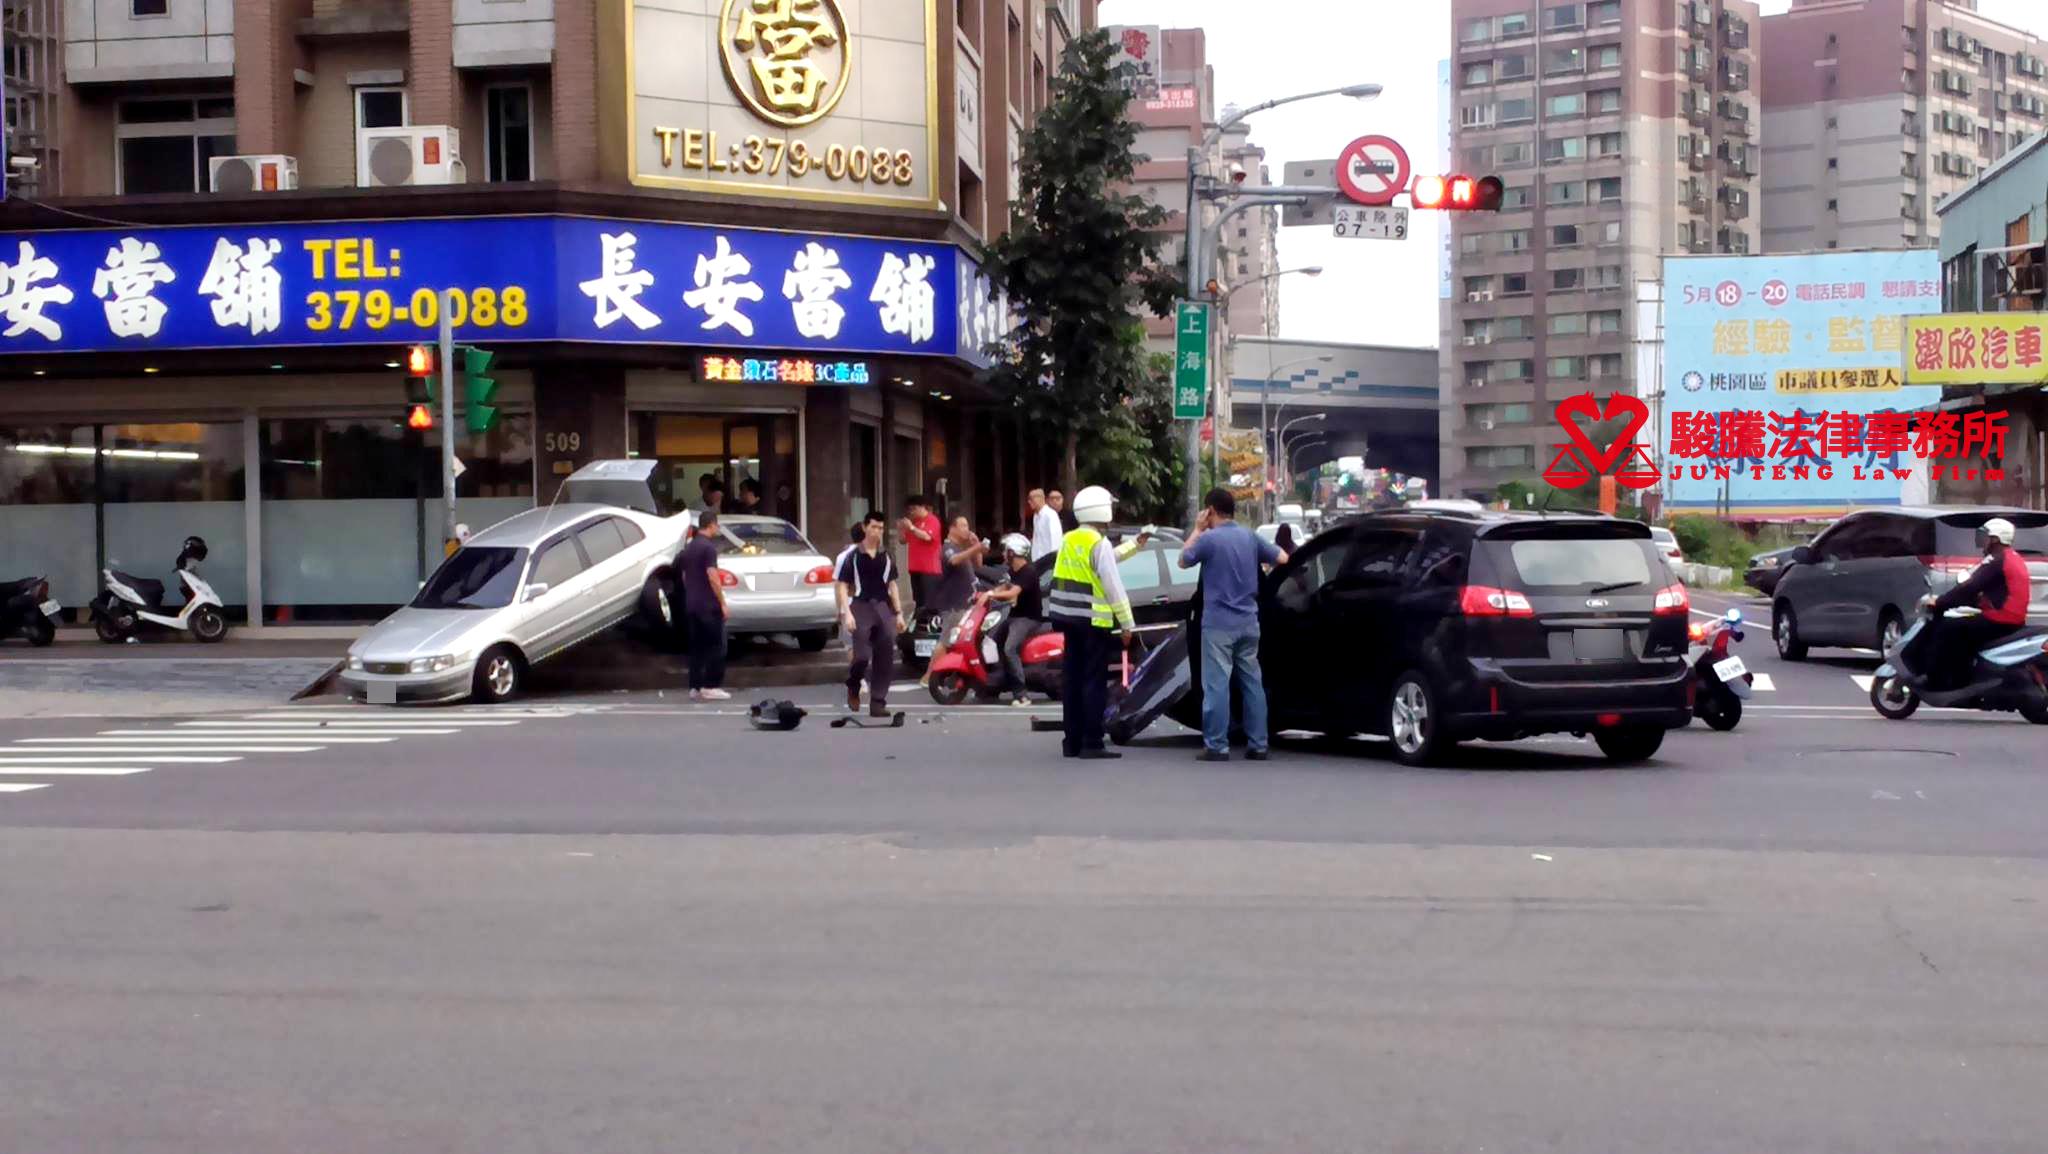 交通事故發生時,該怎麼辦呢?